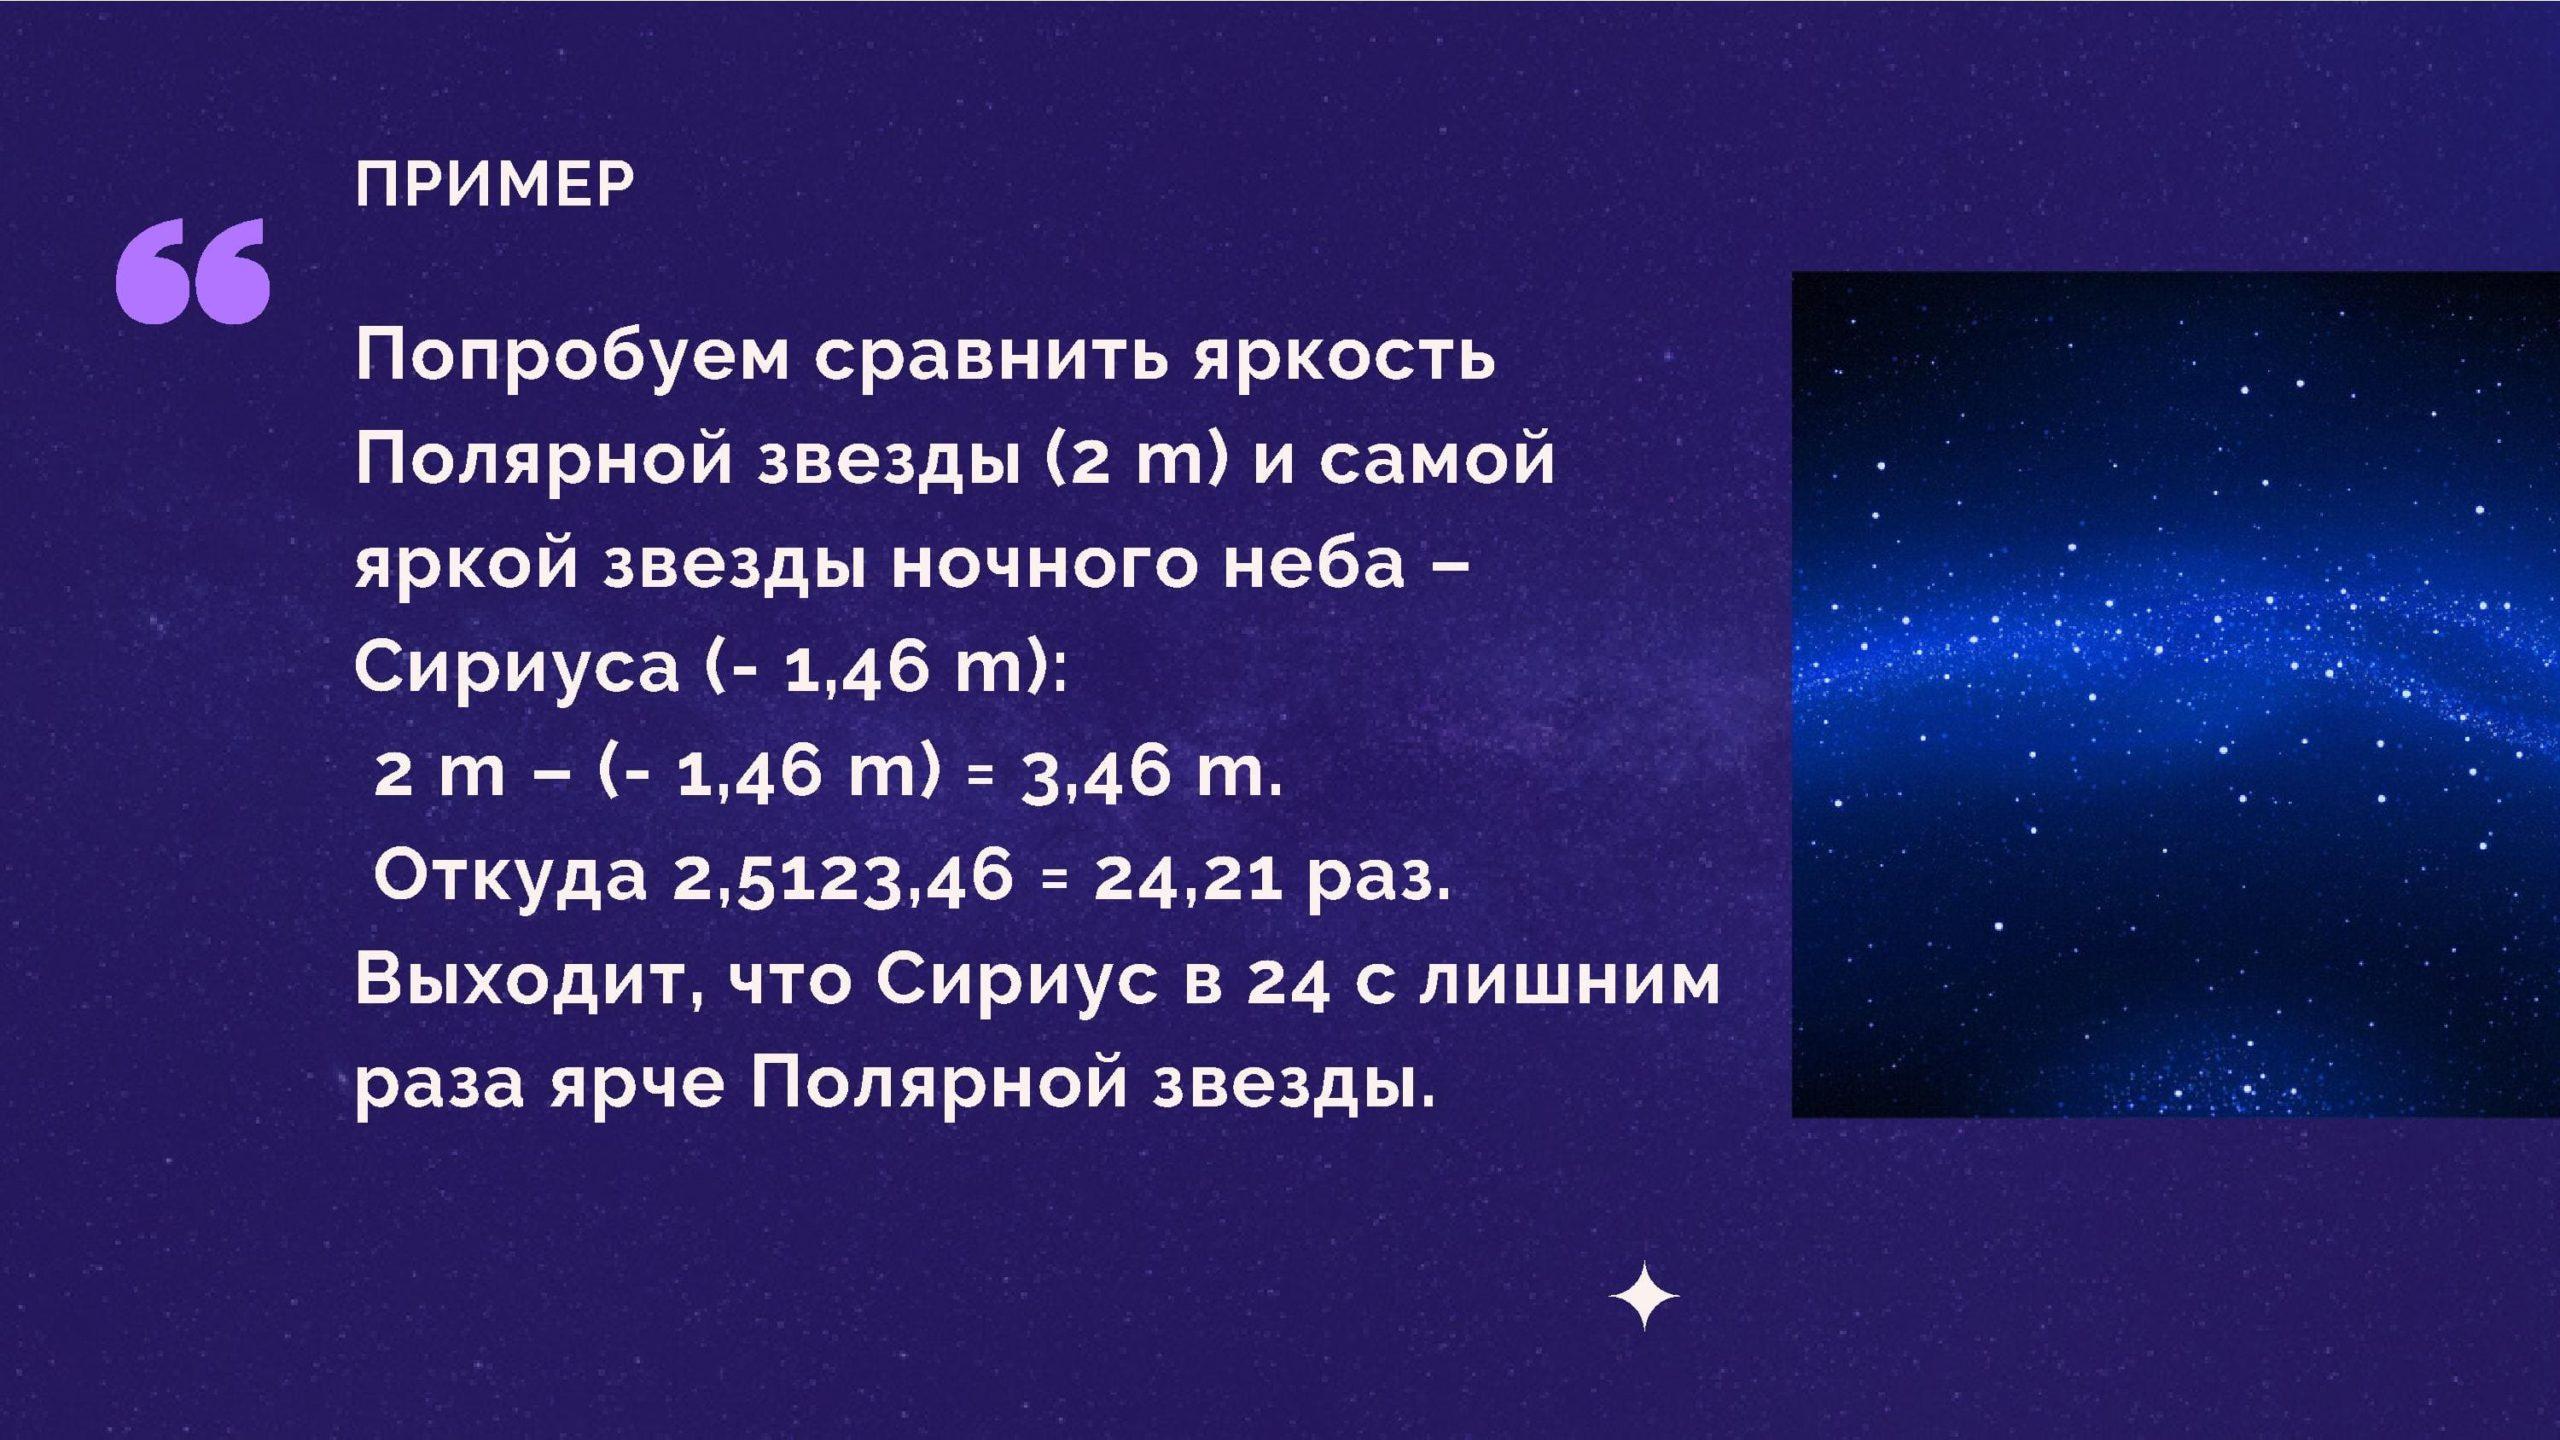 Пример. Попробуем сравнить яркость Полярной звезды (2 m) и самой яркой звезды